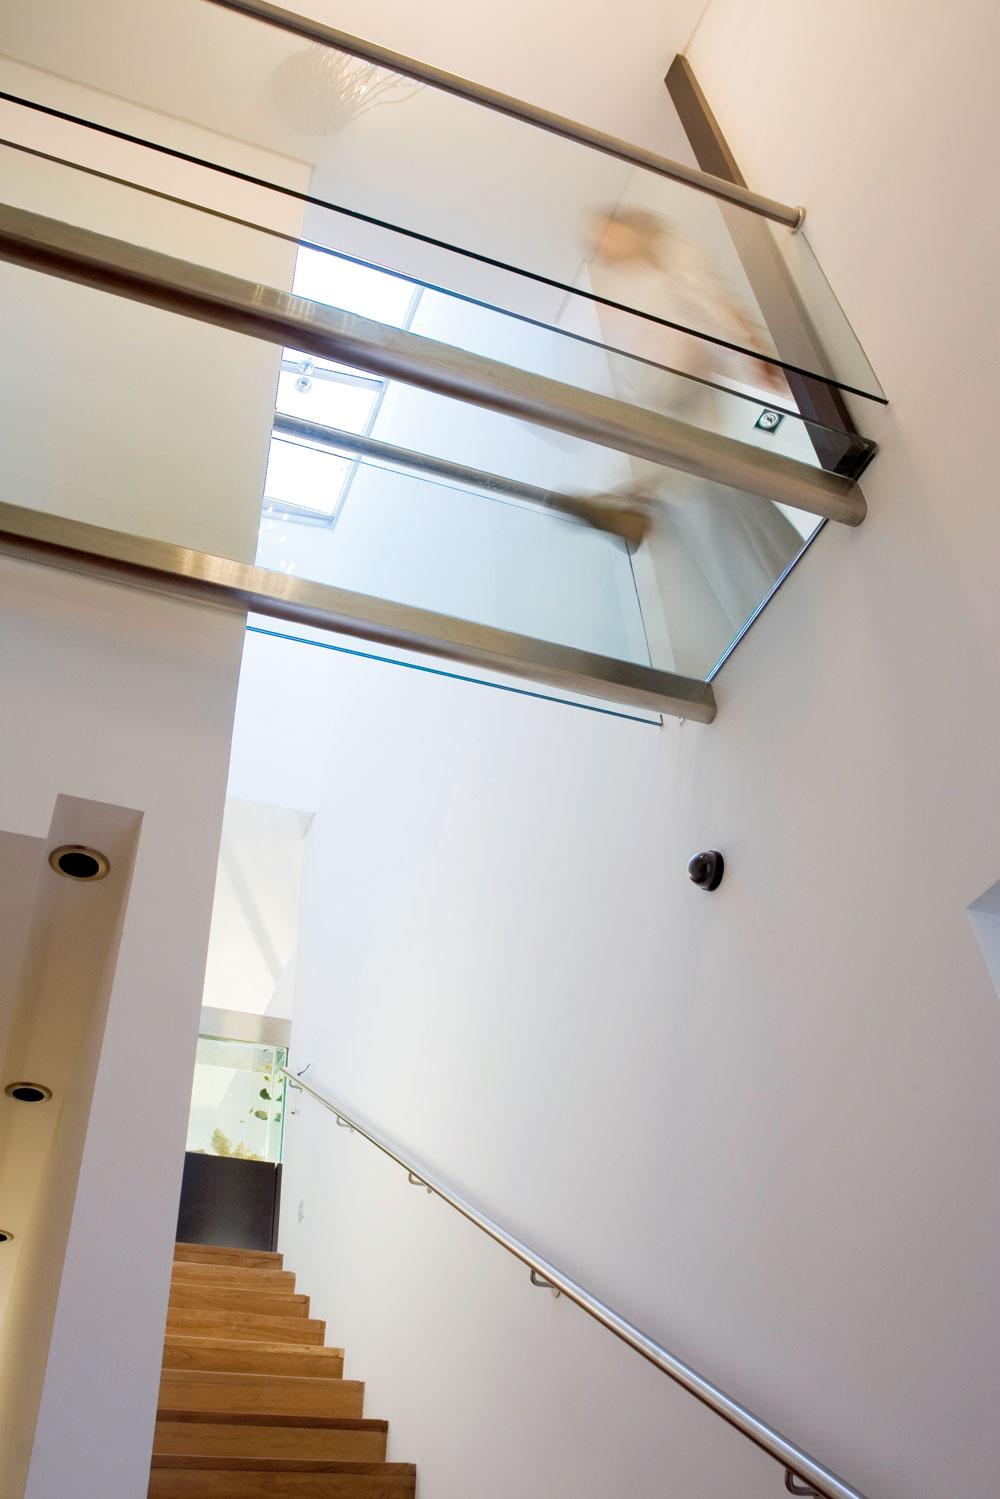 Zvysokého vstupného priestoru, ktorý sa otvára na schodisko zaplavené svetlom, vychádza dlhá chodba, na ktorej konci je spálňa. Na ľavom okraji snímky vidieť stropné svietidlá vchodbe bez priameho denného osvetlenia.